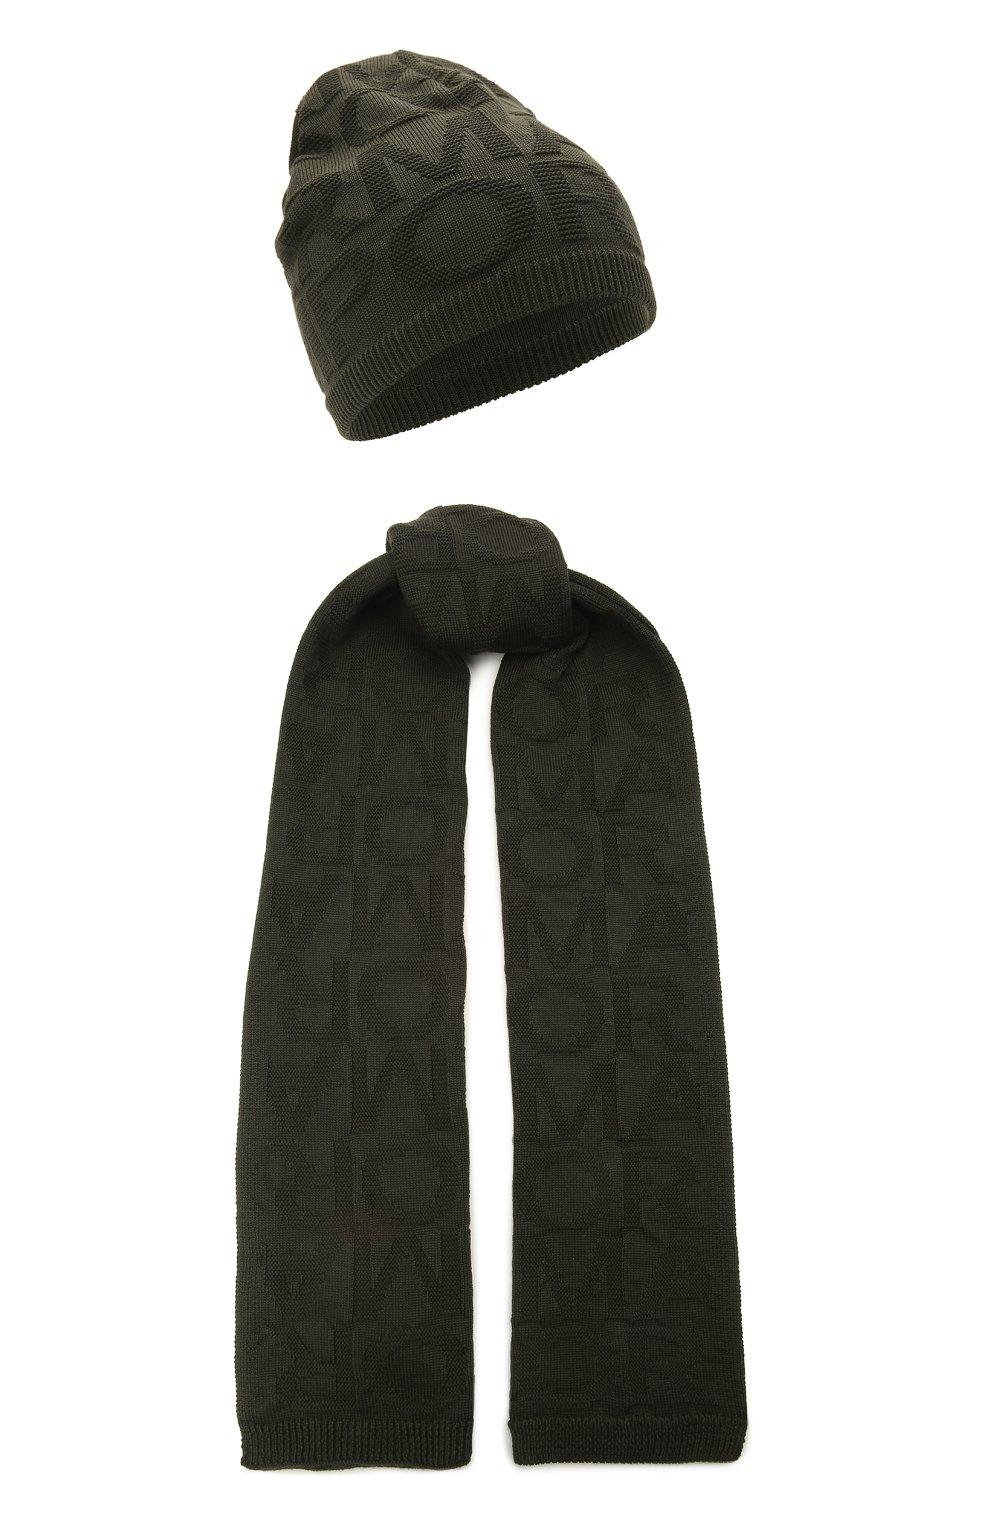 Детский комплект из шапки и шарфа EMPORIO ARMANI хаки цвета, арт. 407512/1A762 | Фото 1 (Материал: Текстиль, Шерсть, Синтетический материал)